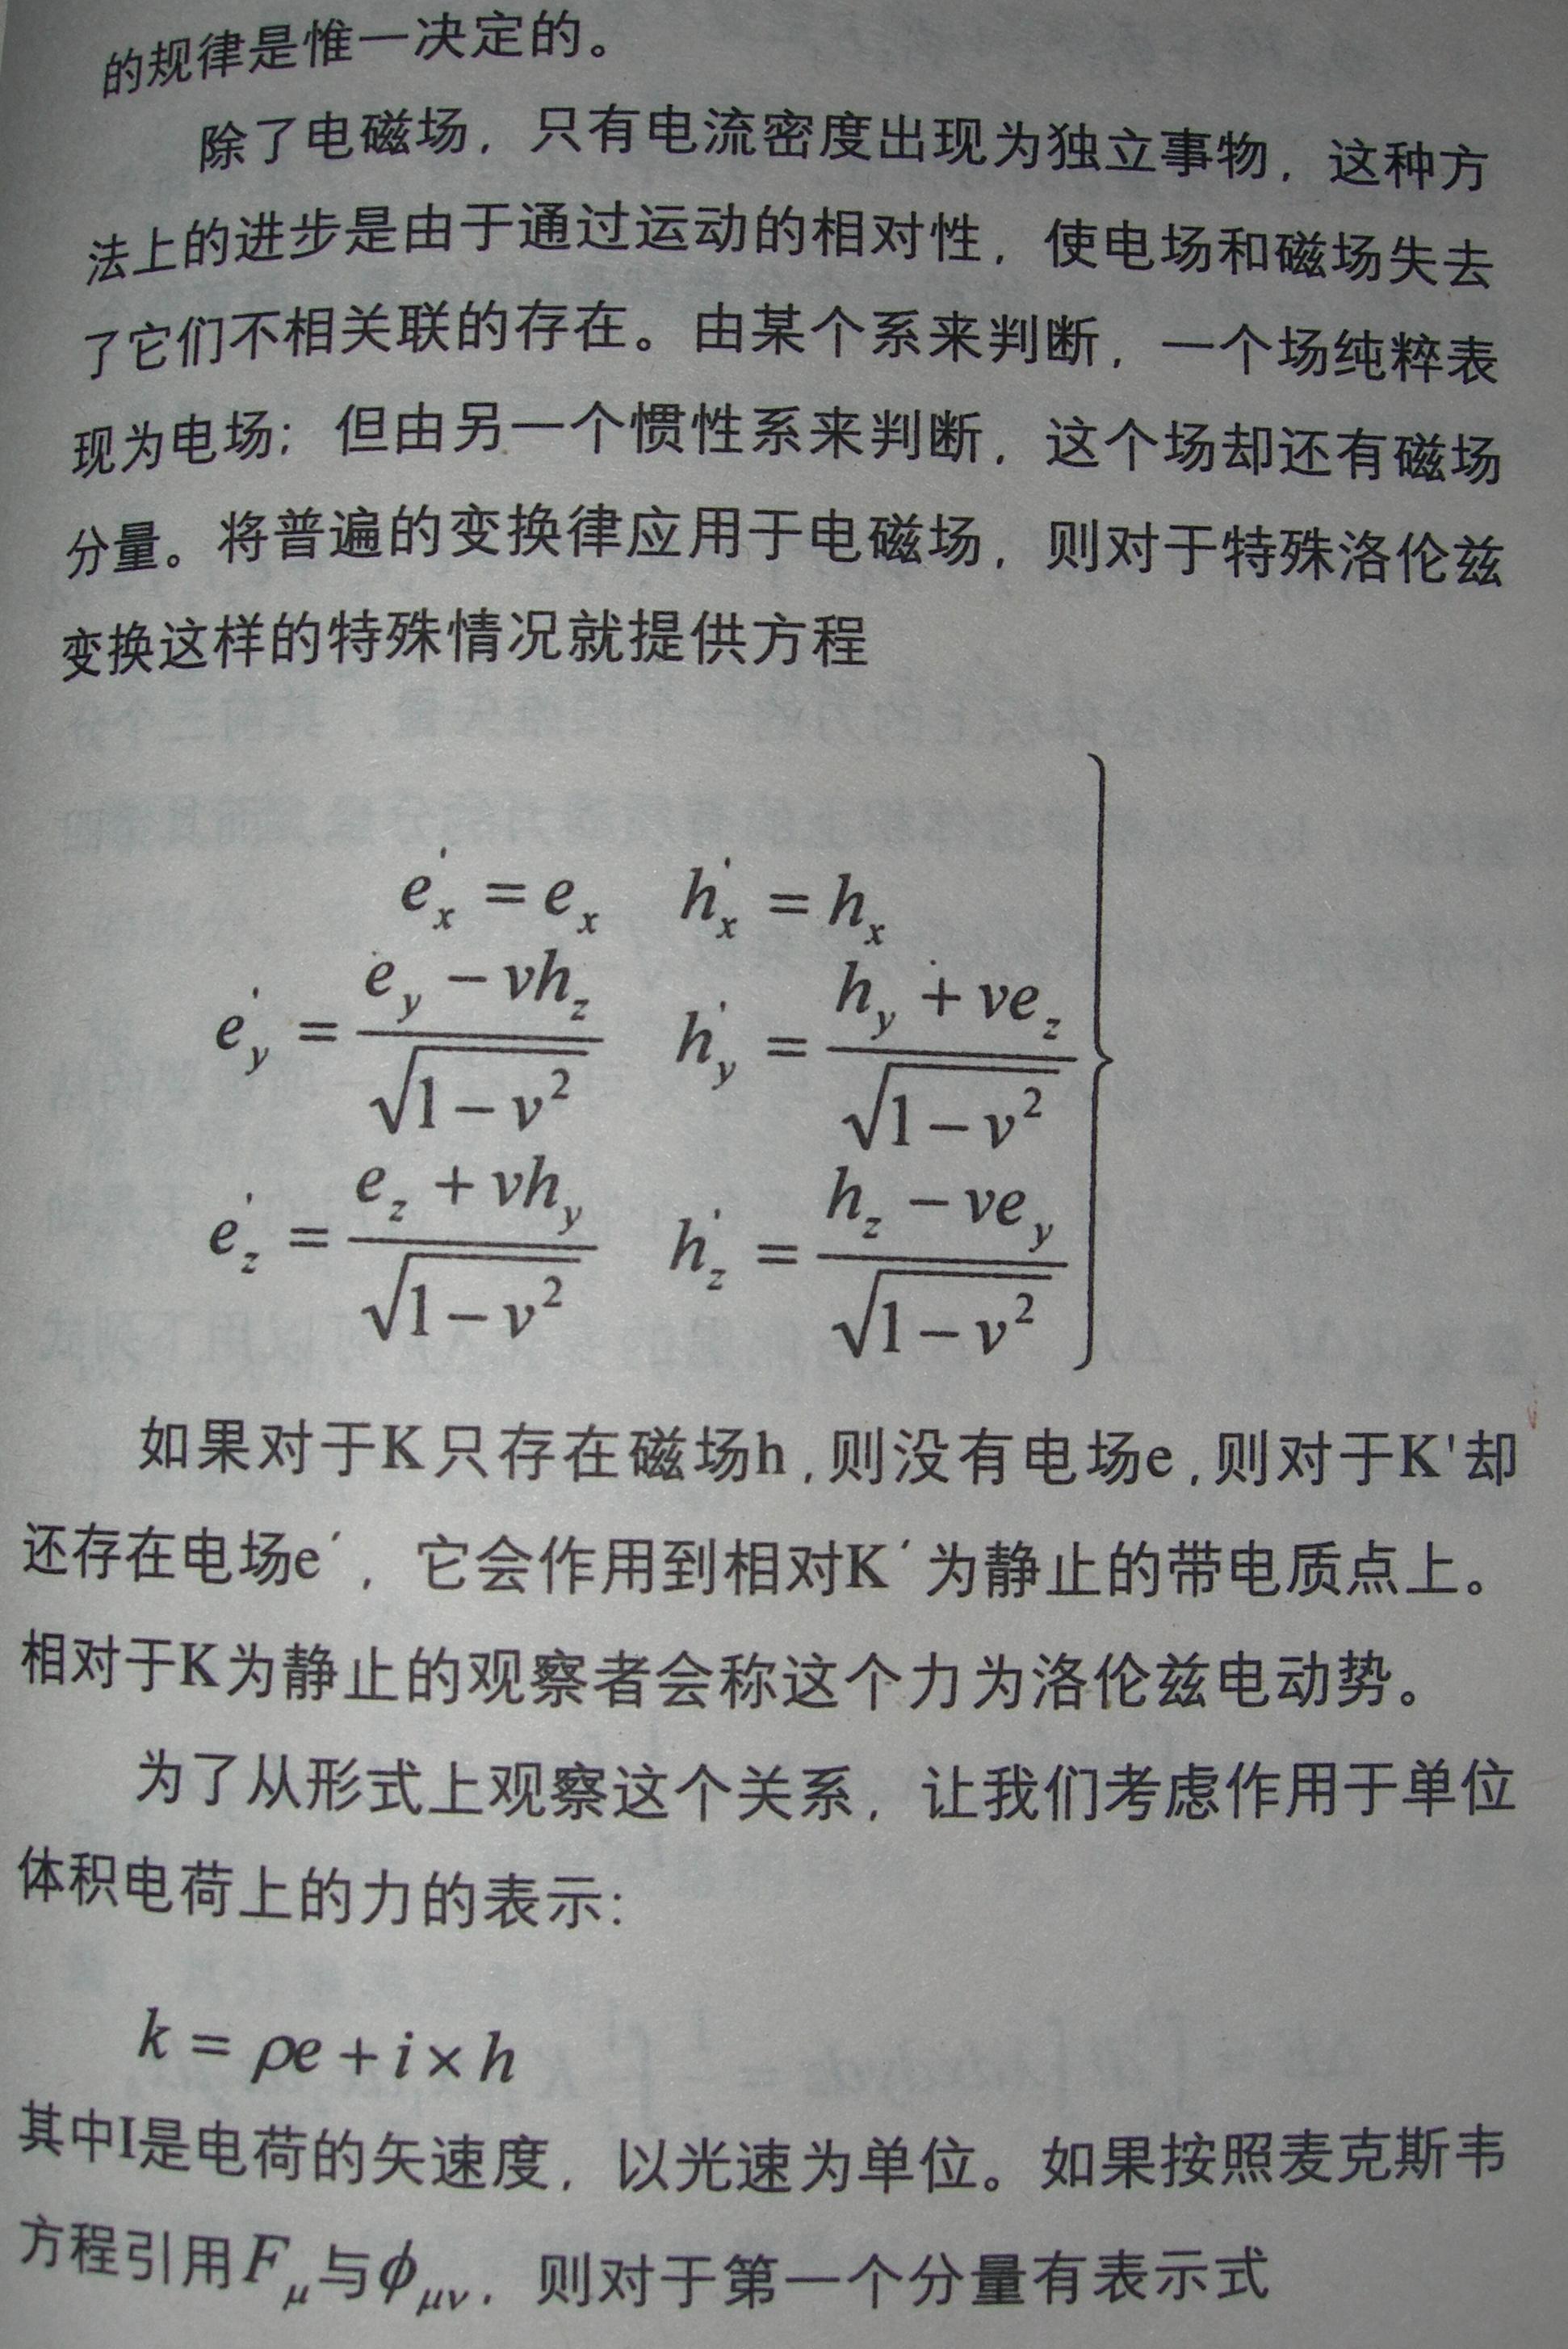 狭义相对论论文10.JPG